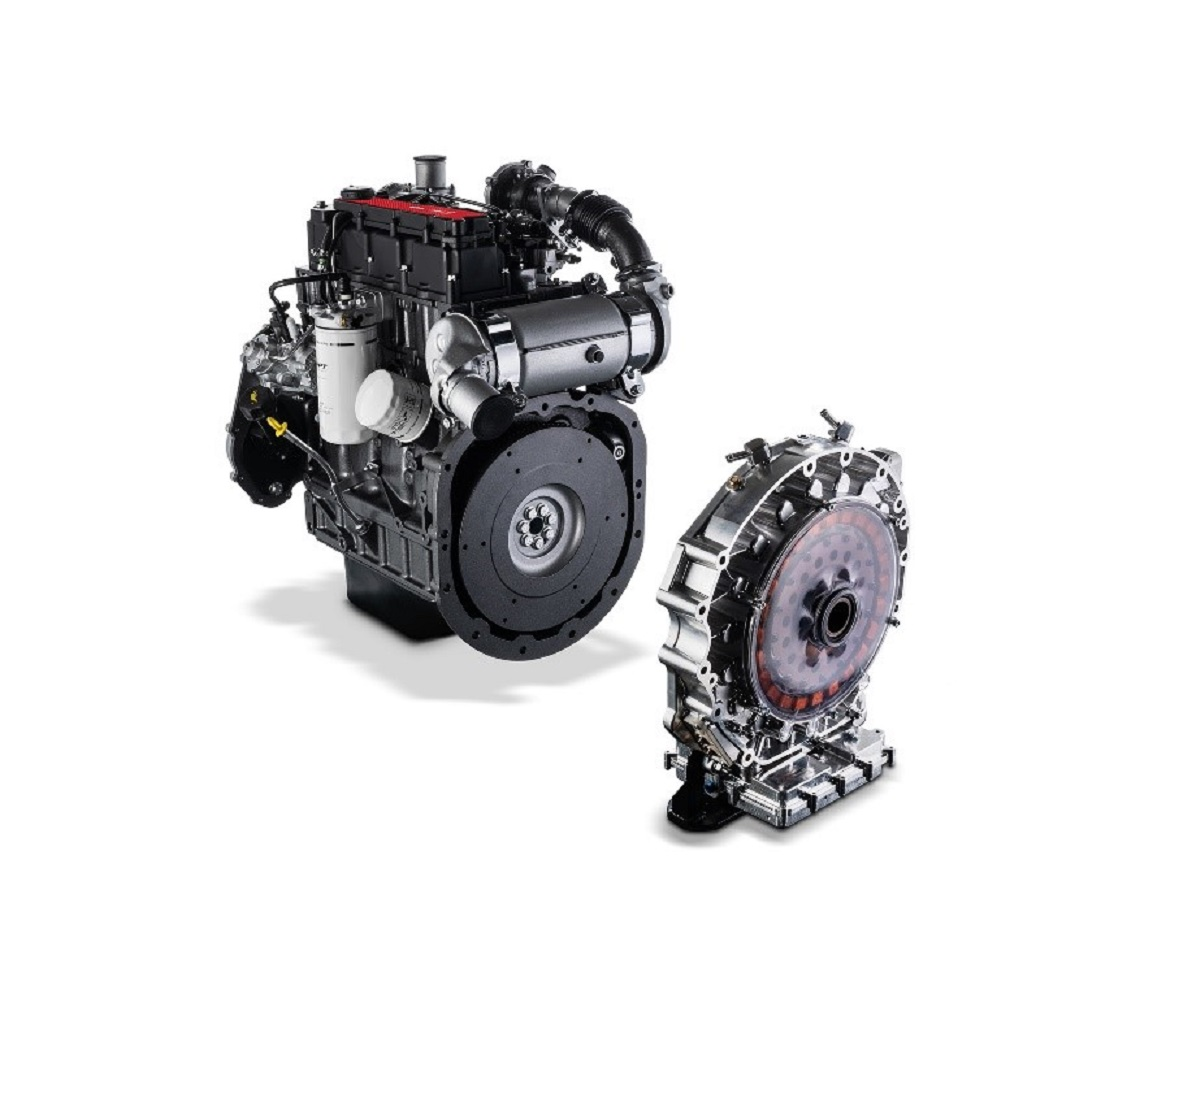 Motor FPT F28 Hybrid